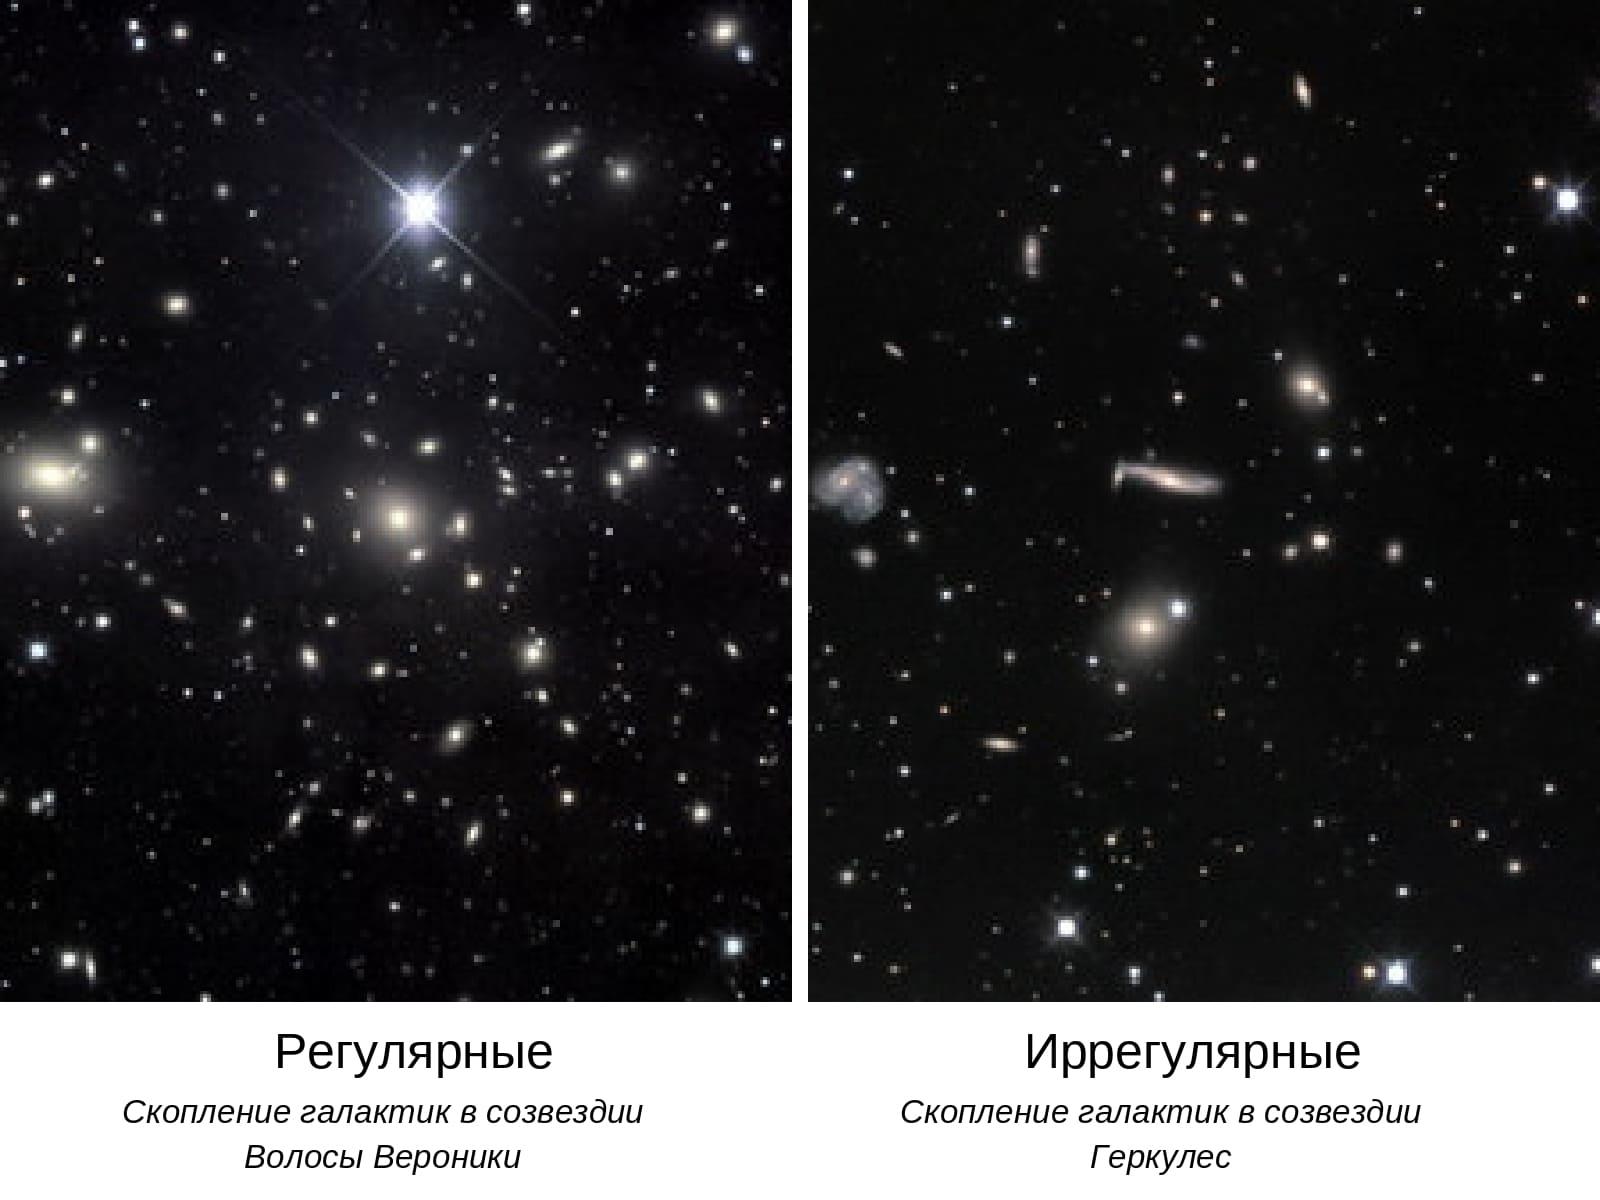 галактики Регулярные Иррегулярные